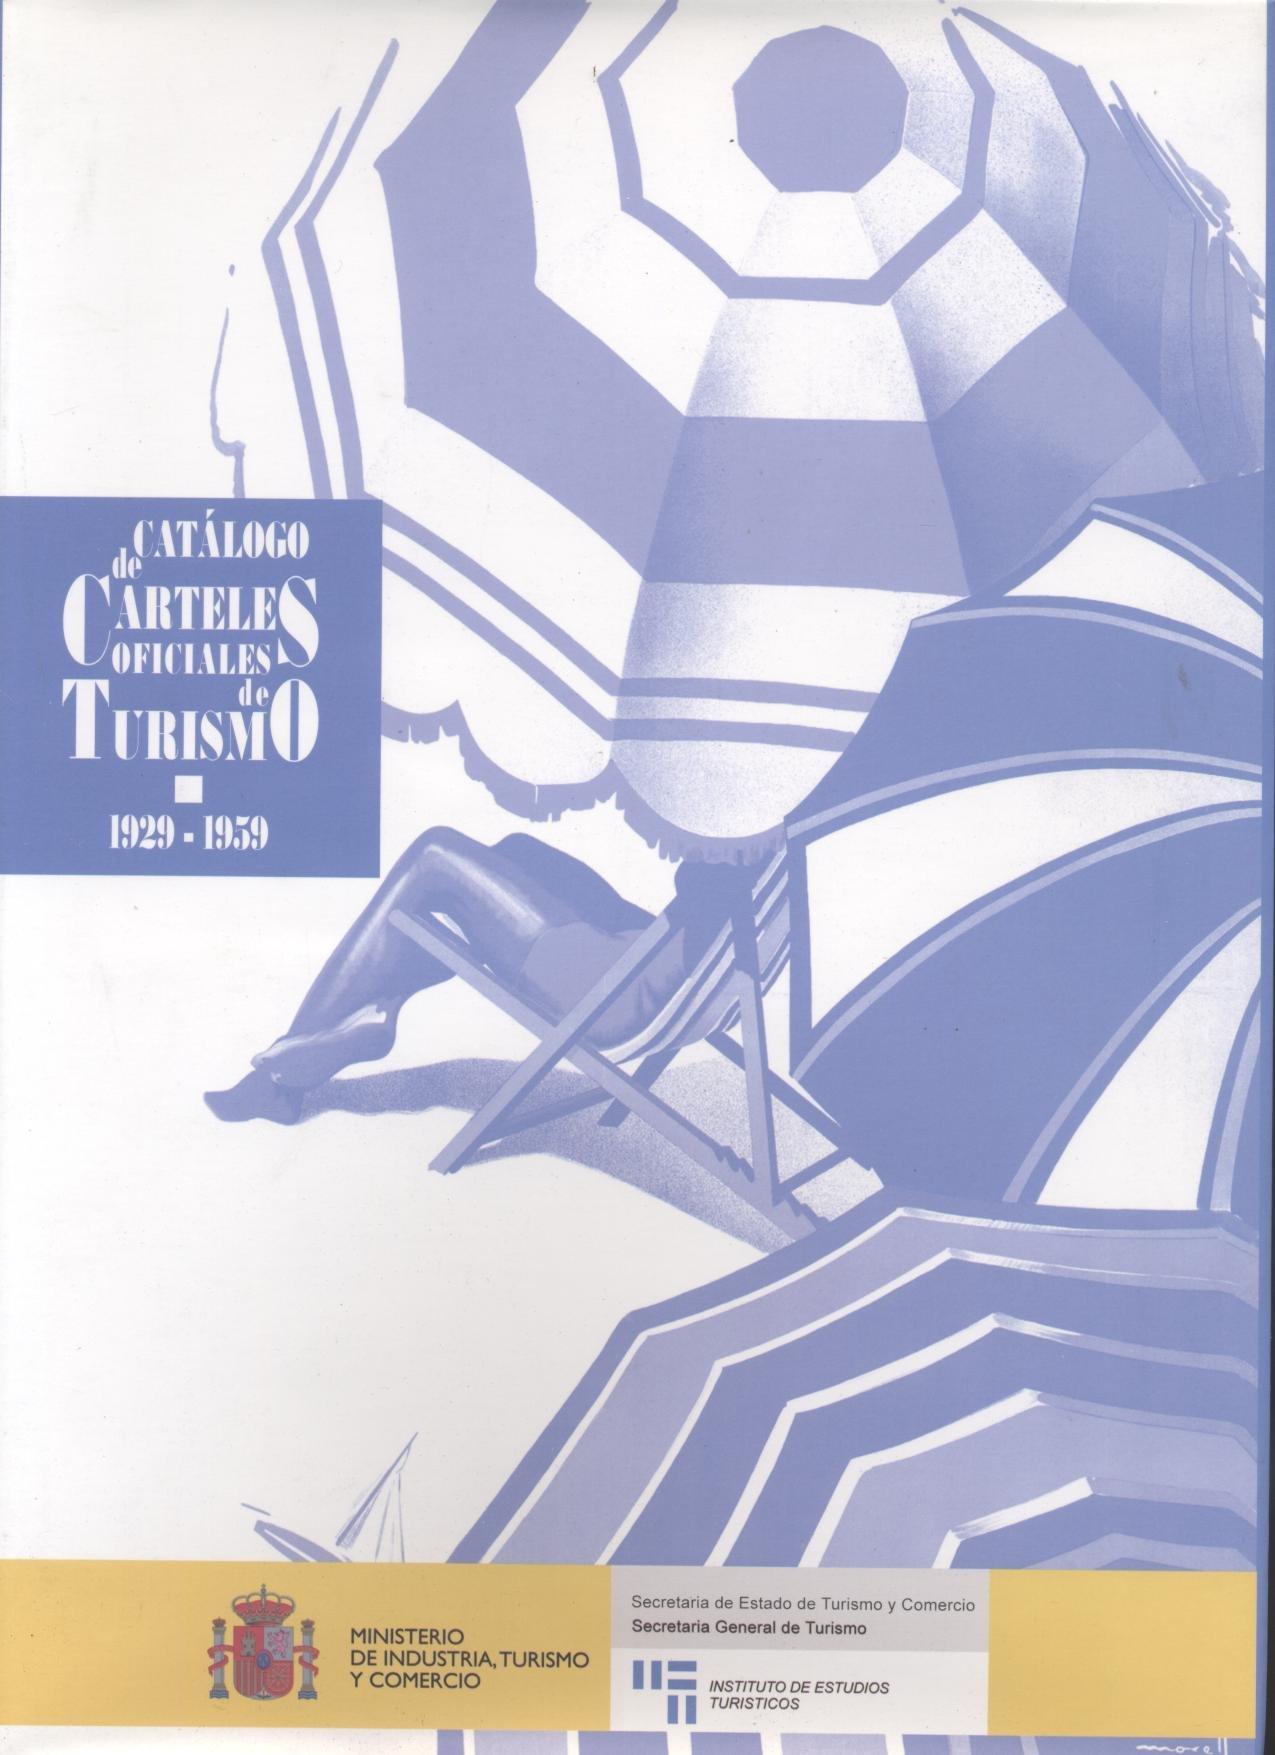 Catálogo de Carteles Oficiales de Turismo 1929 - 1959 ...